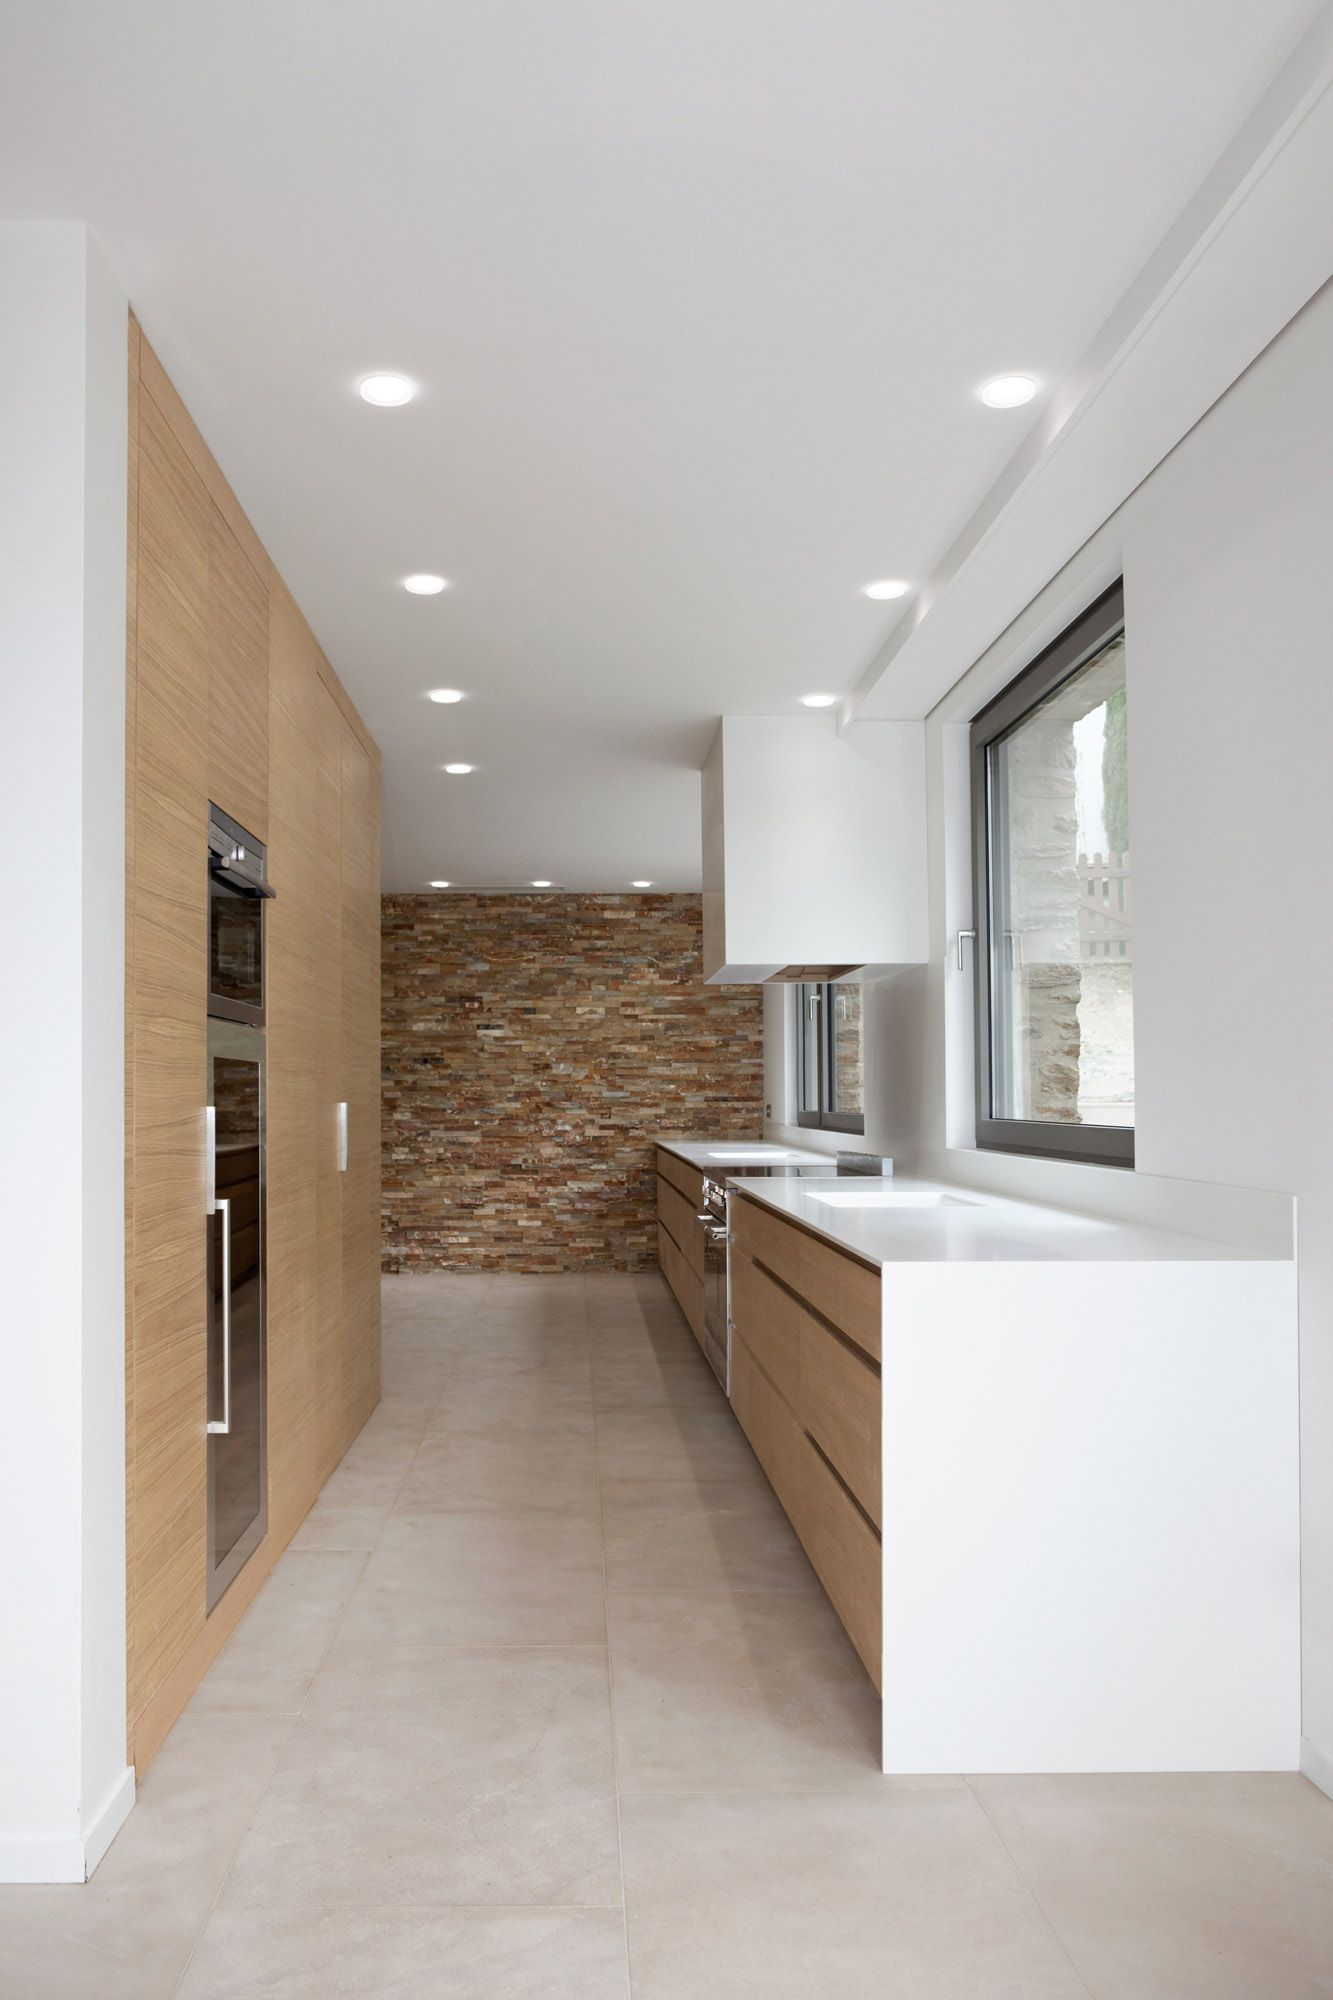 R alisation d une cuisine en bois et plan de travail en - Plan de travail cuisine grande longueur ...